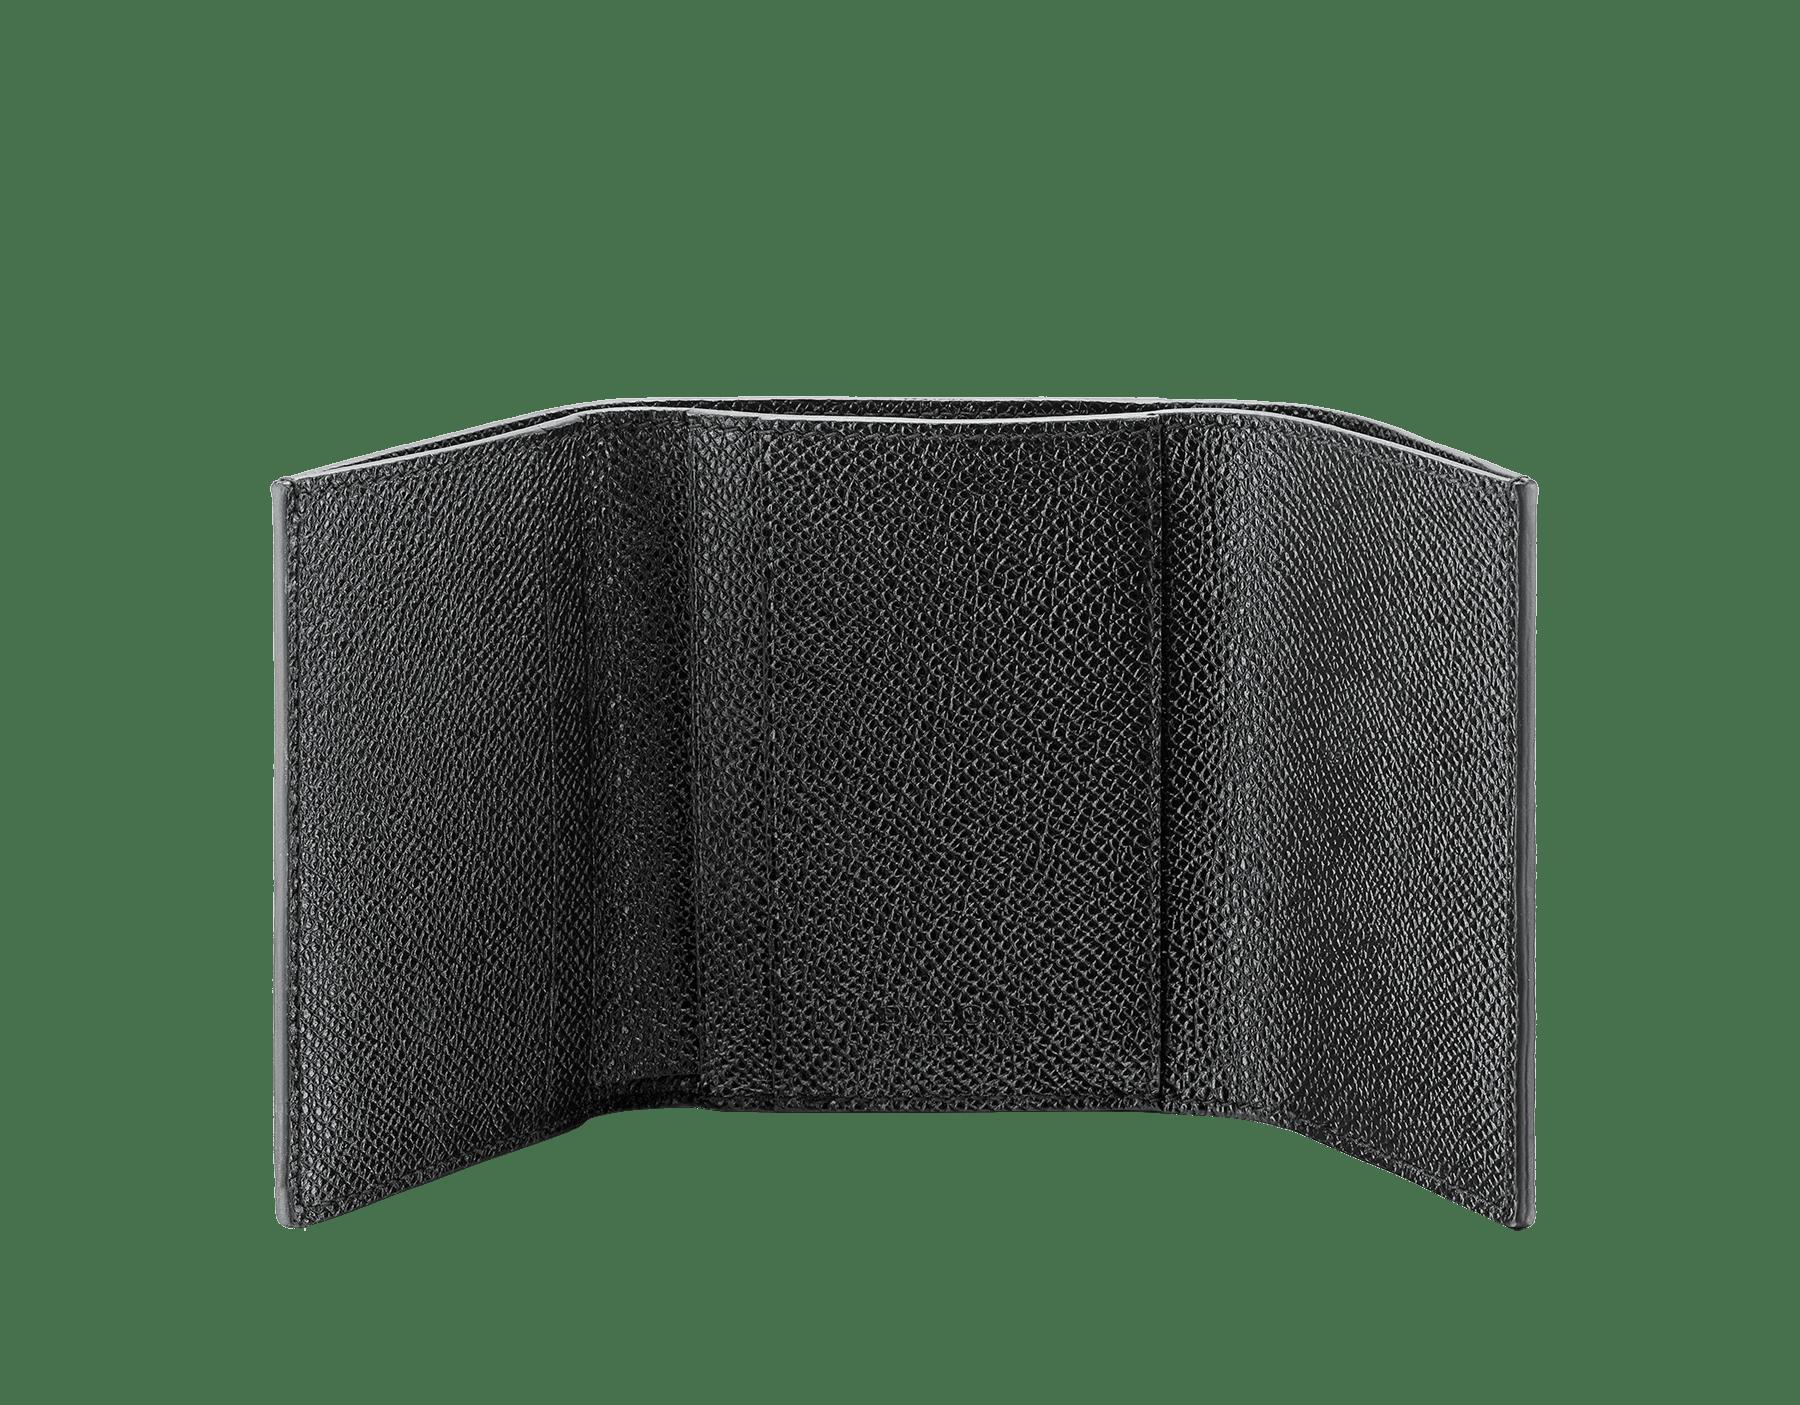 ブラックのグレインカーフレザー製ブルガリ・ブルガリ スリムコンパクトウォレット。ブラスパラジウムプレートのアイコニックなロゴのクロージャークリップ。 289369 image 2